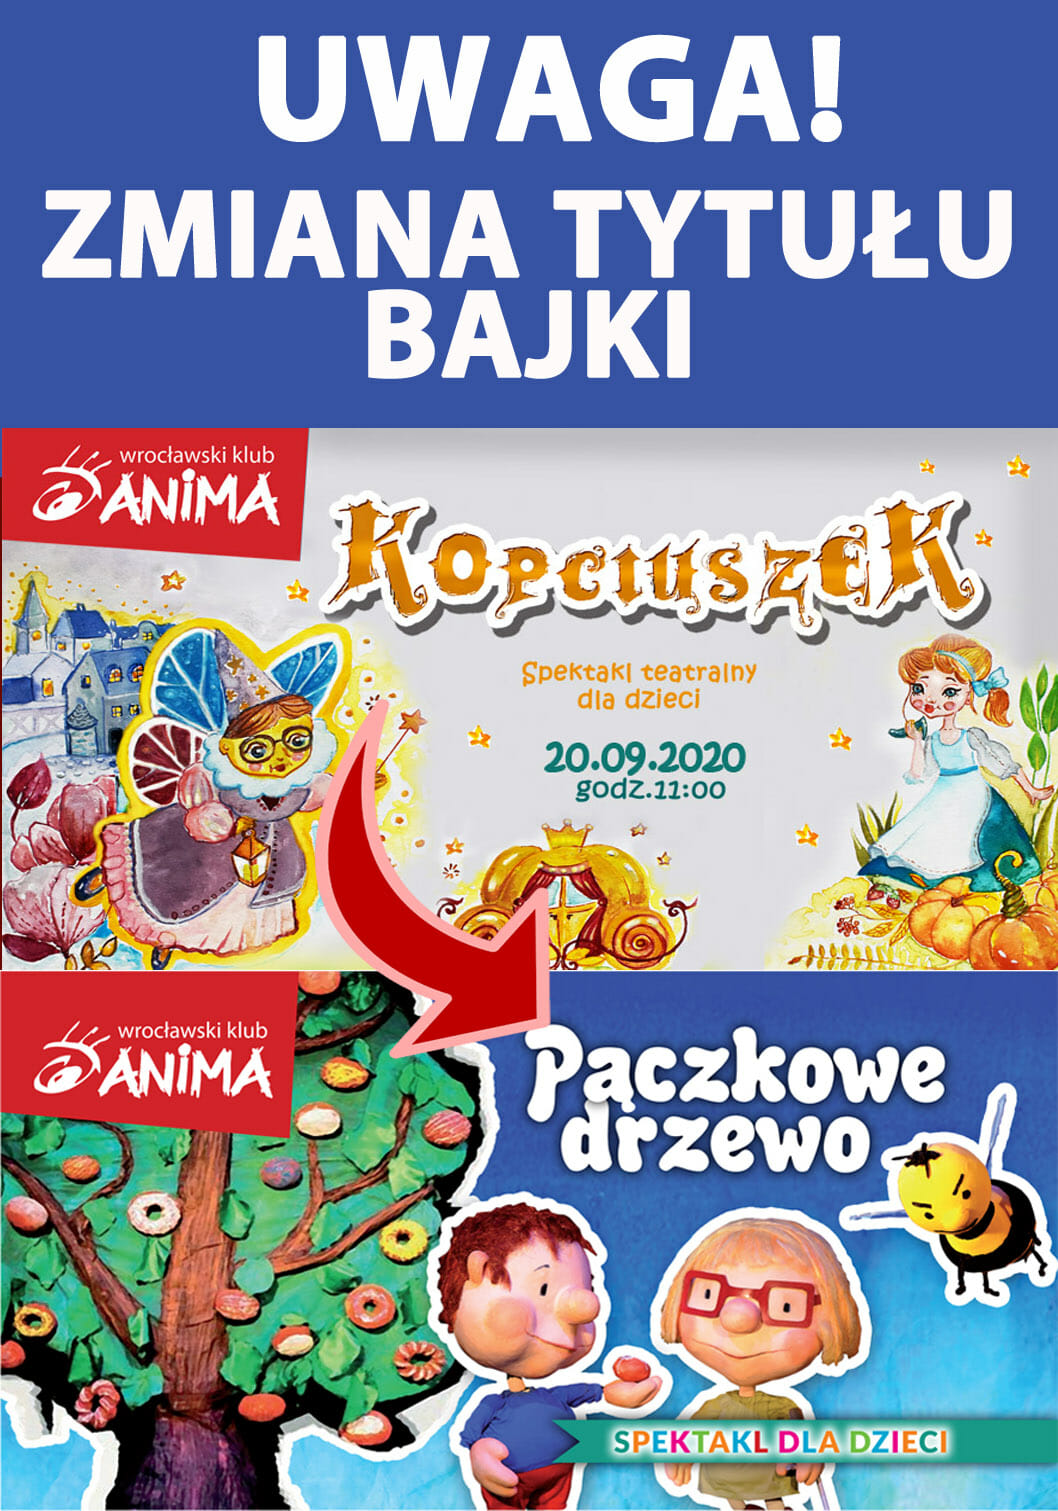 UWAGA! Zmiana tytuły spektaklu dla dzieci!  20.09.2020